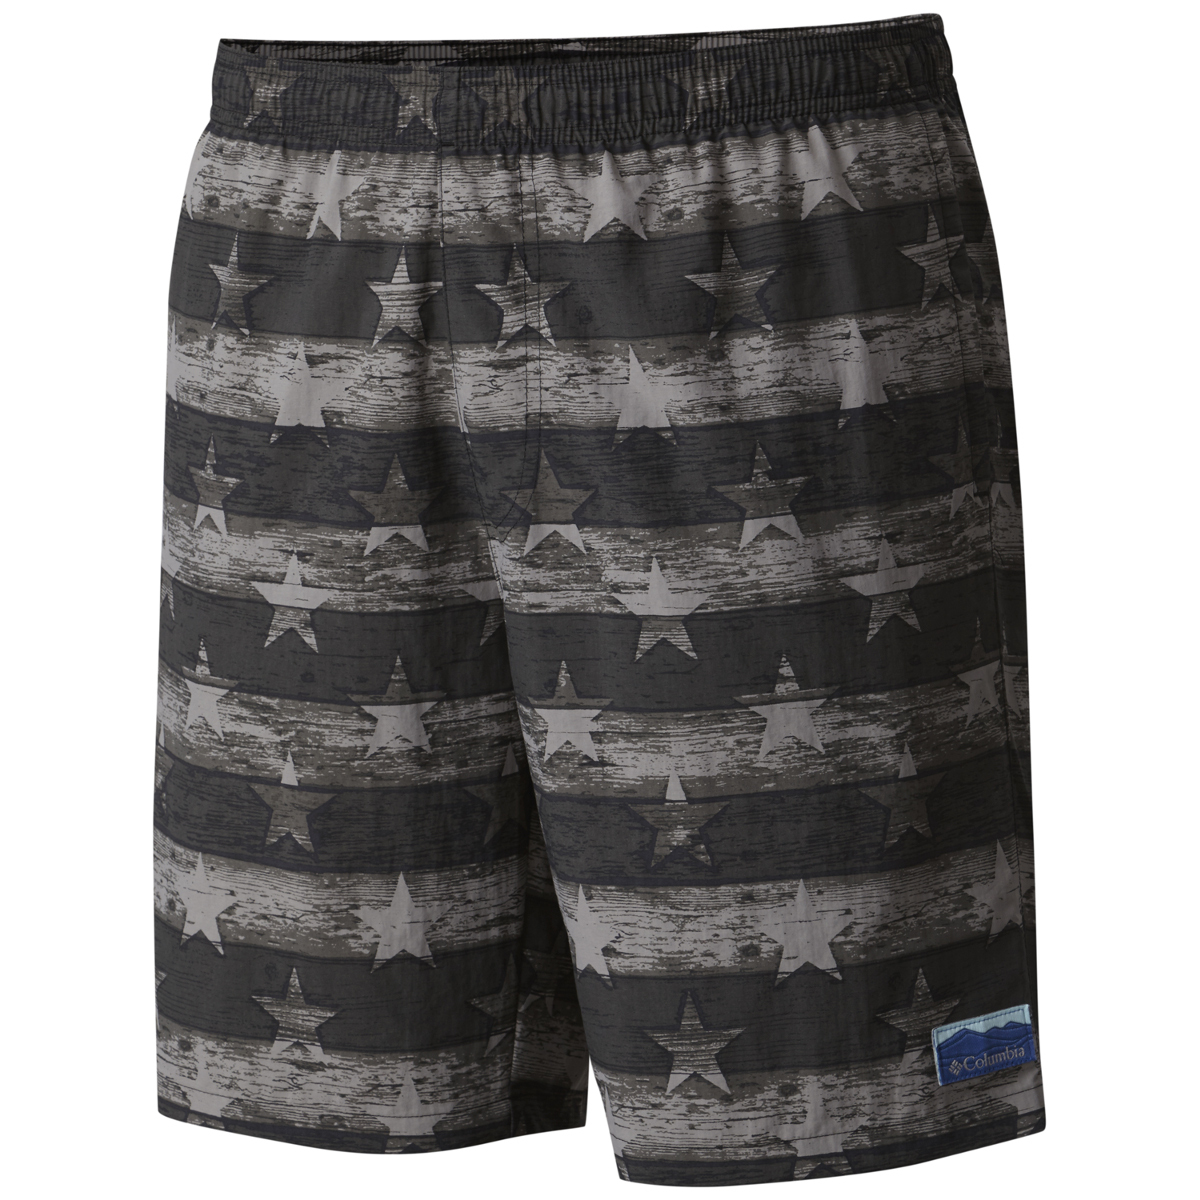 Columbia Men's Big Dippers Water Shorts - Black, M